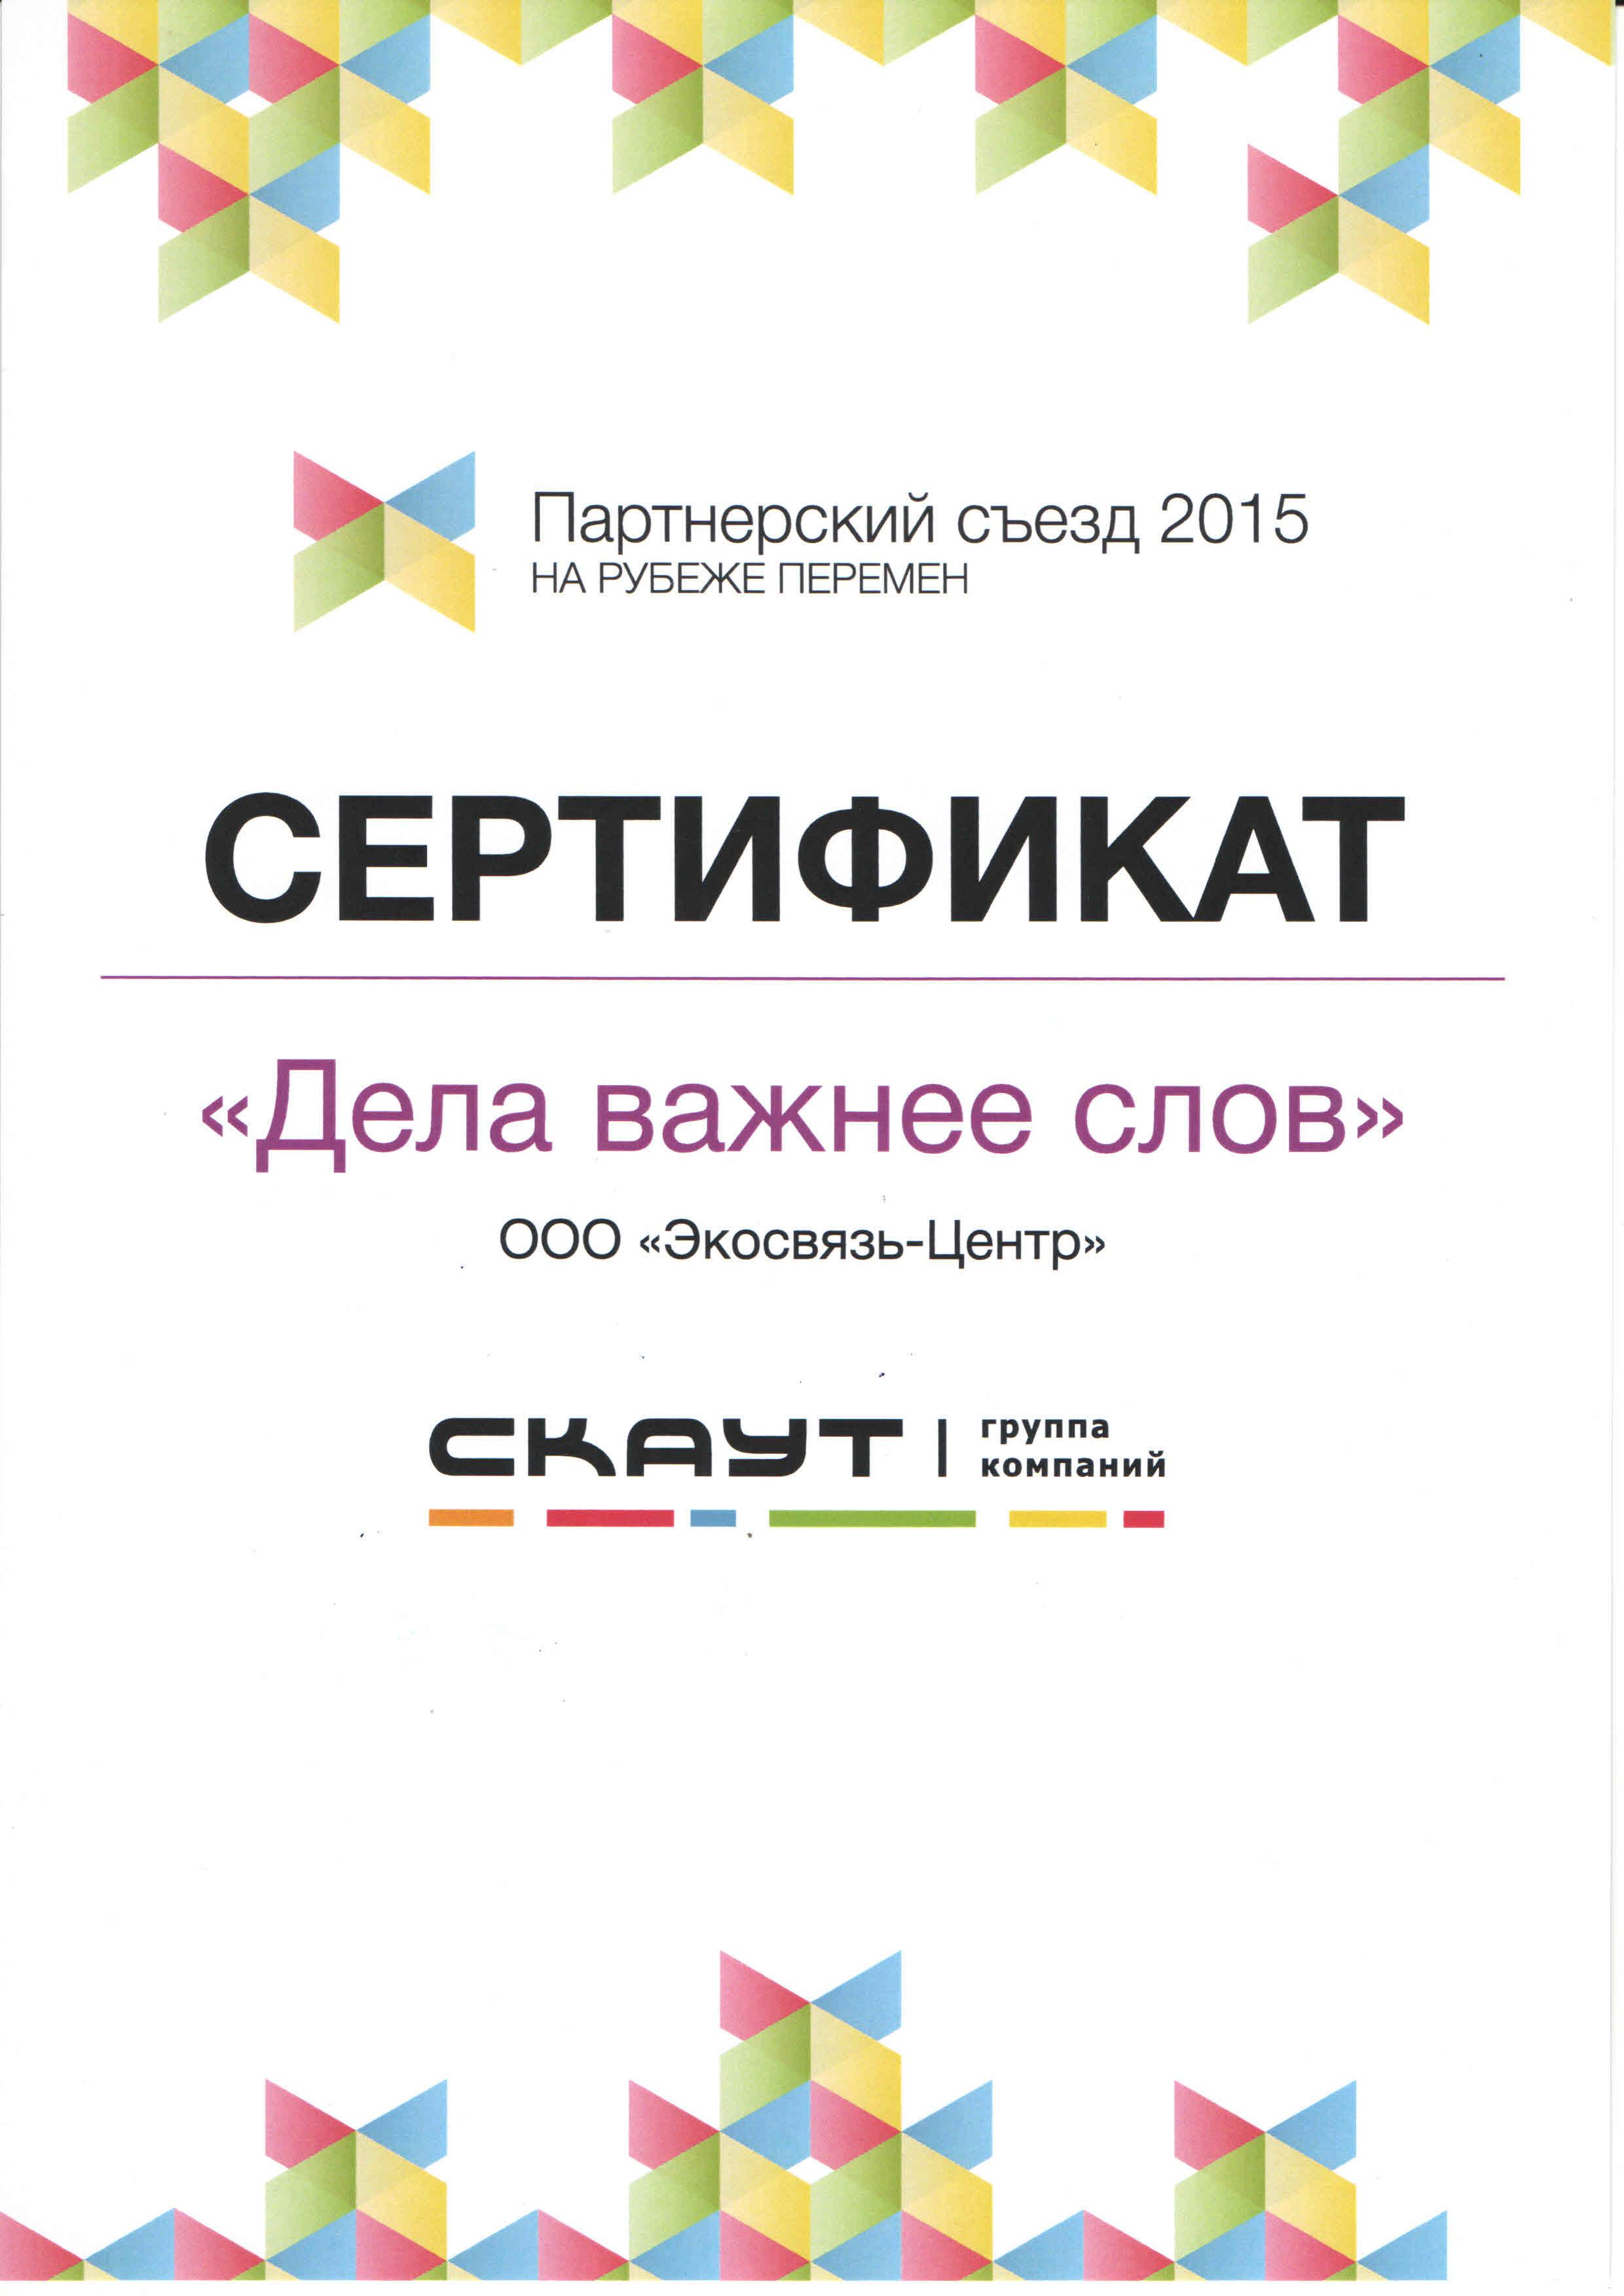 Сертификат СКАУТ 2015